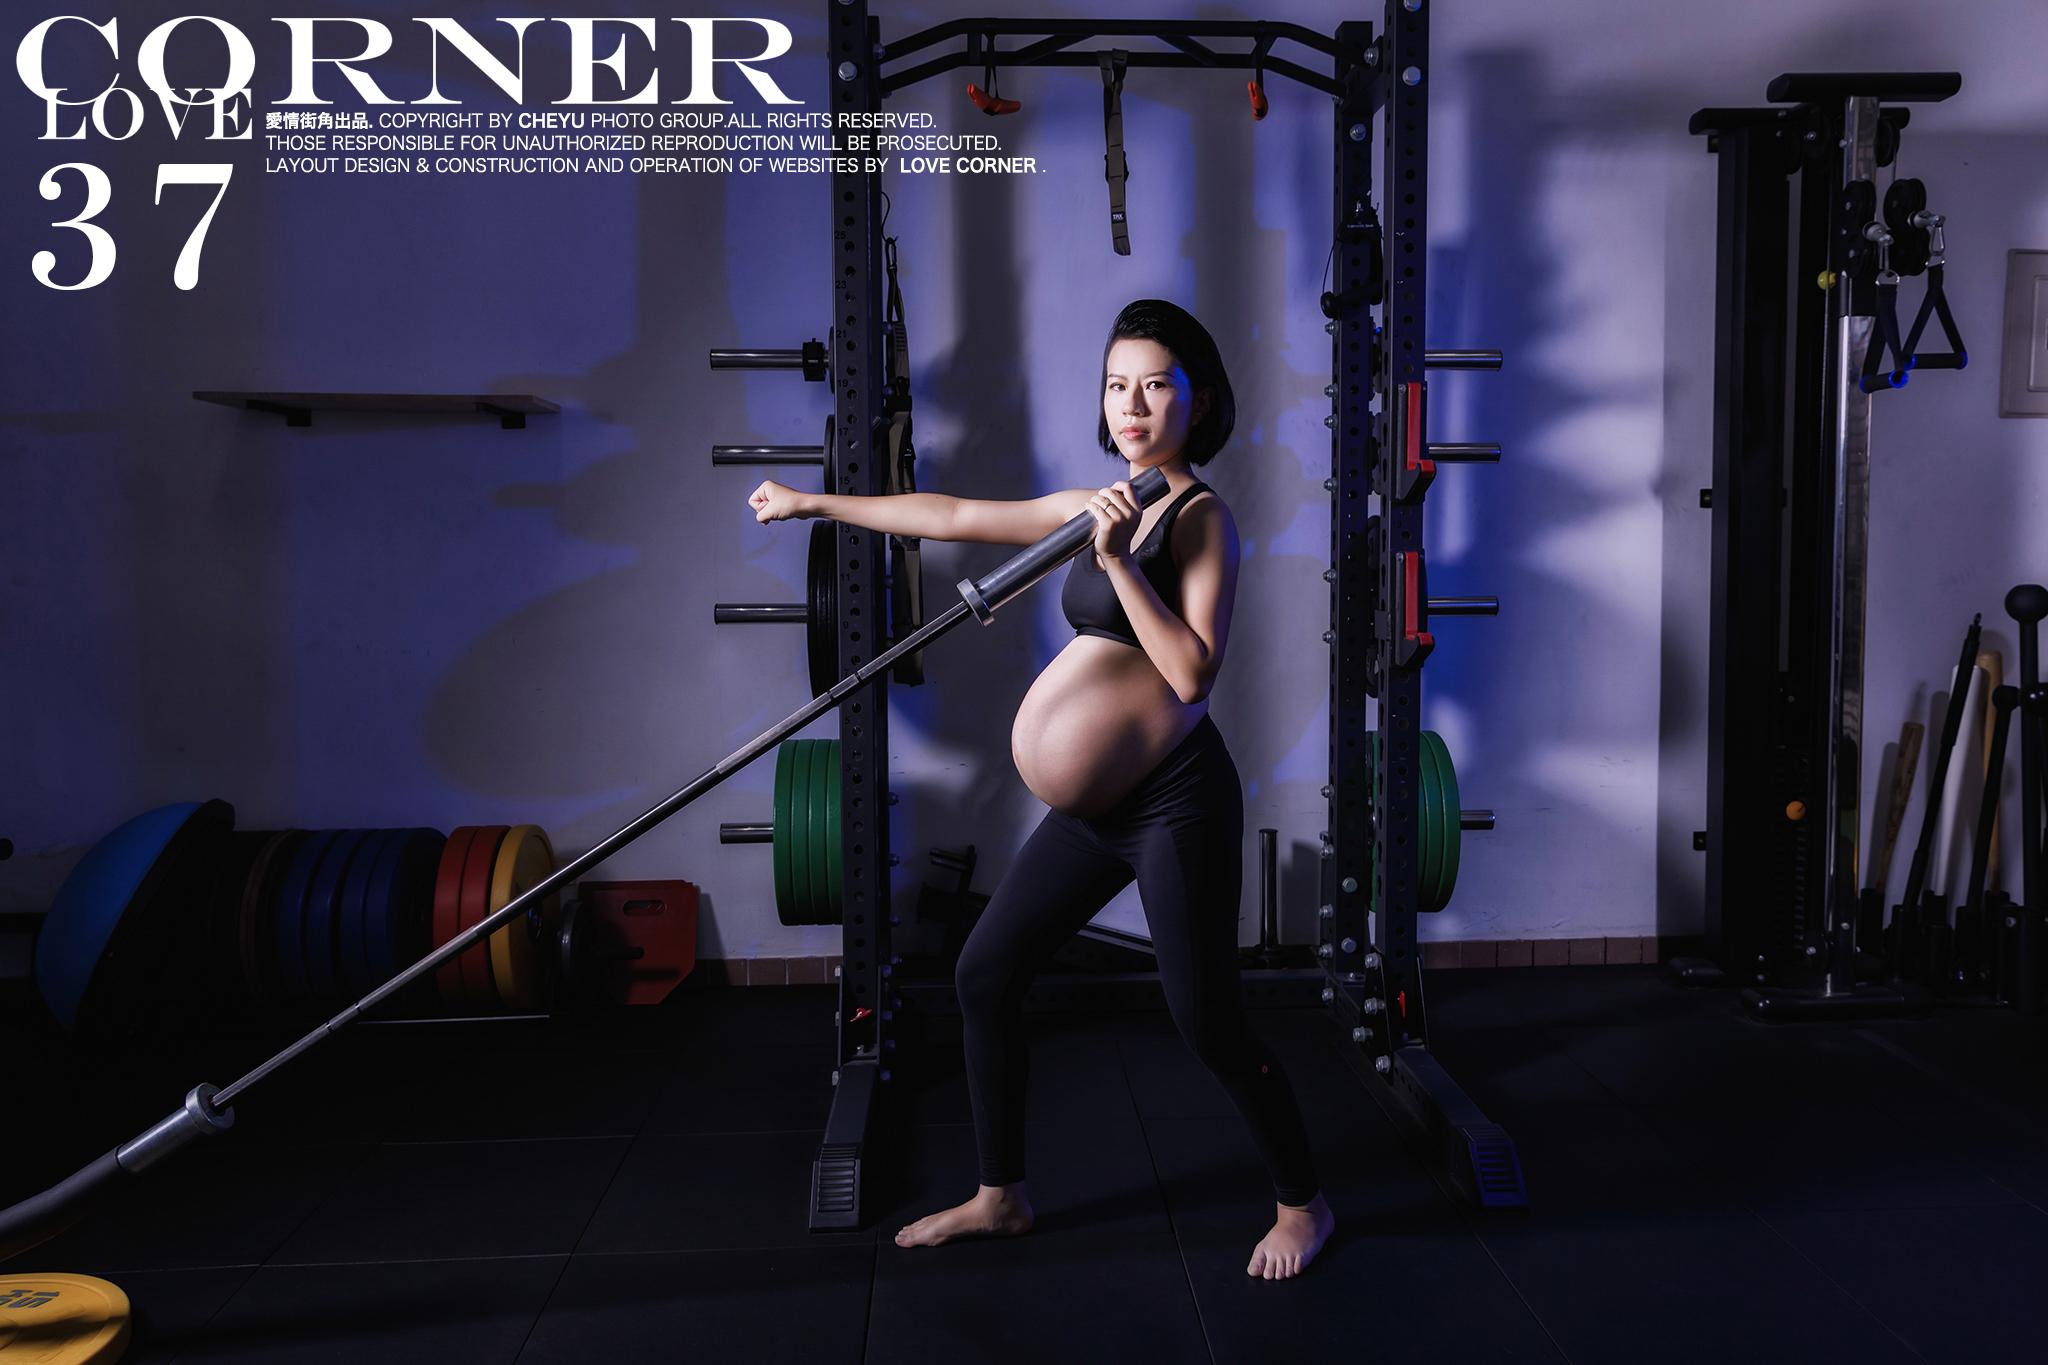 懷孕37週還依舊健身重訓的孕婦辣媽